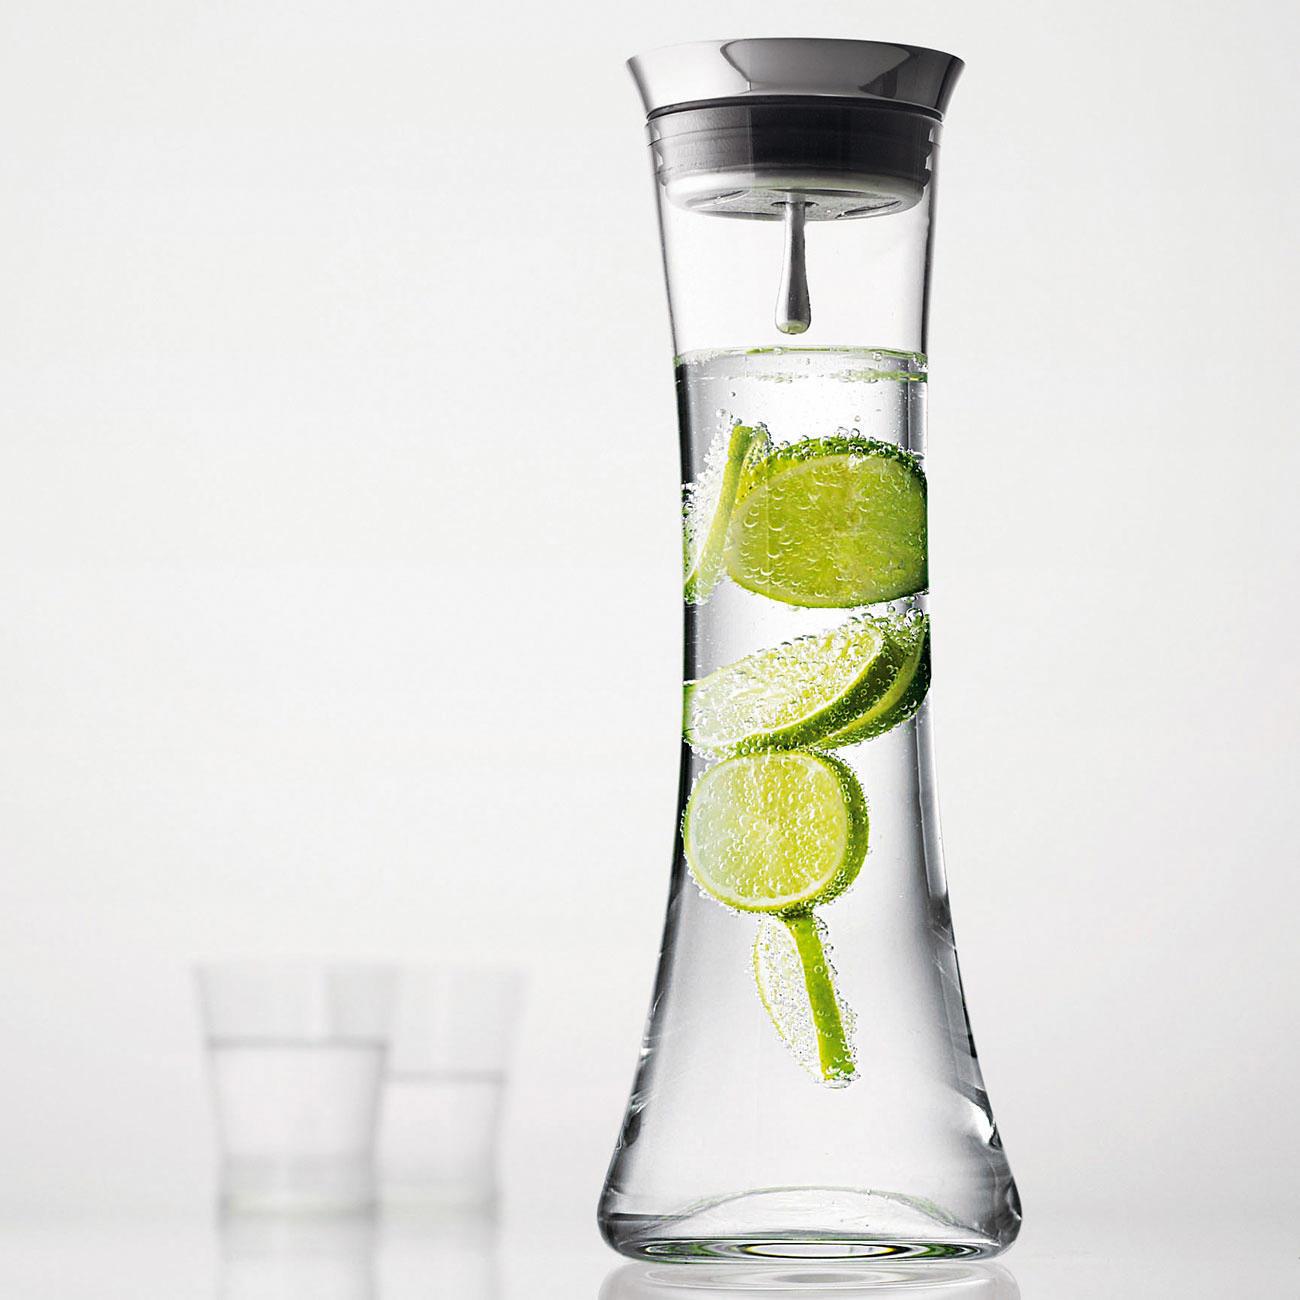 Wasserkaraffe Wellness mit Automatikverschluss, Edelstahl-Deckel und Siebeinsatz, 1.3 Liter